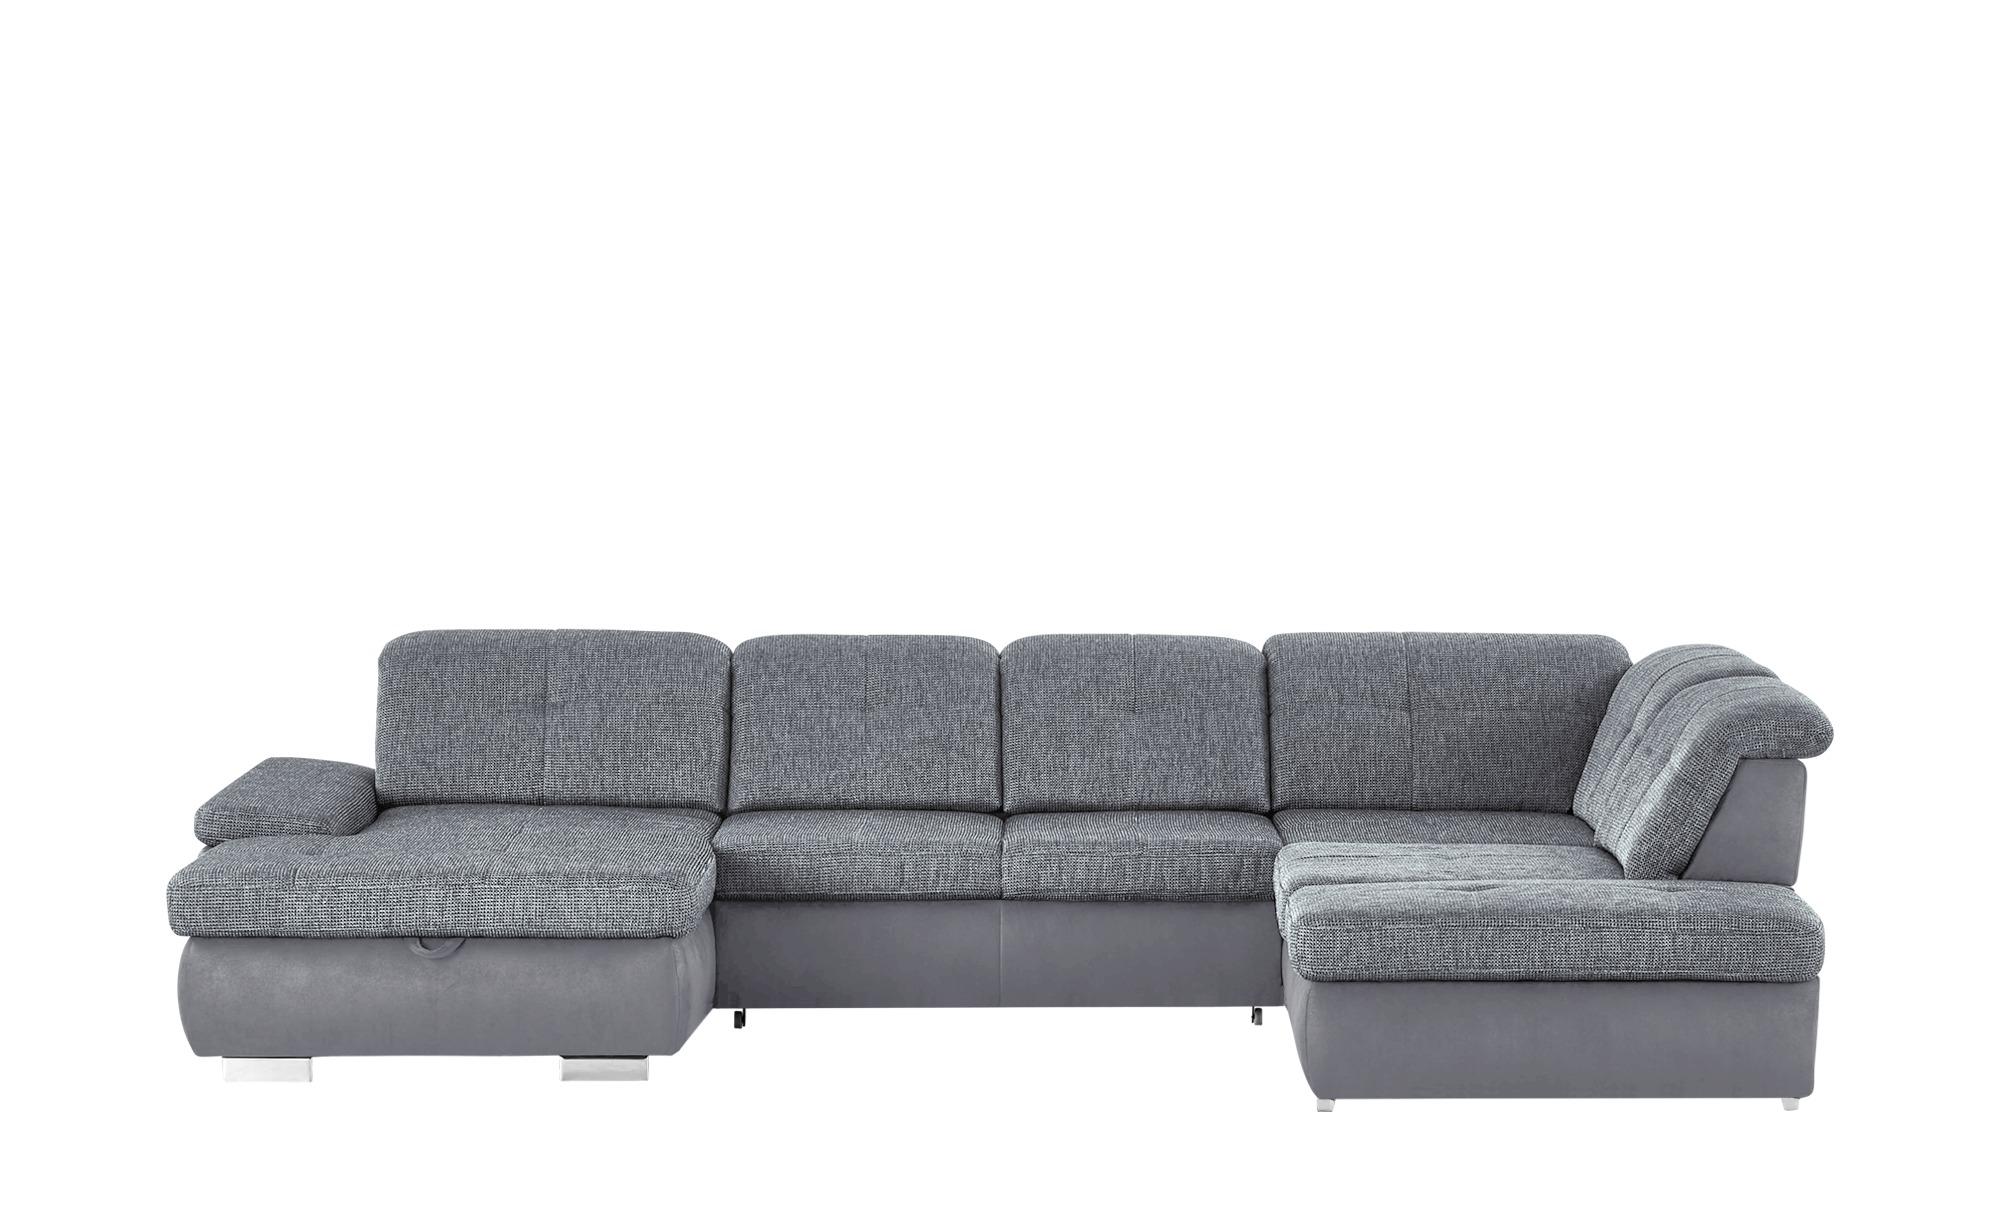 wohnlandschaft affair breite h he grau online kaufen bei. Black Bedroom Furniture Sets. Home Design Ideas